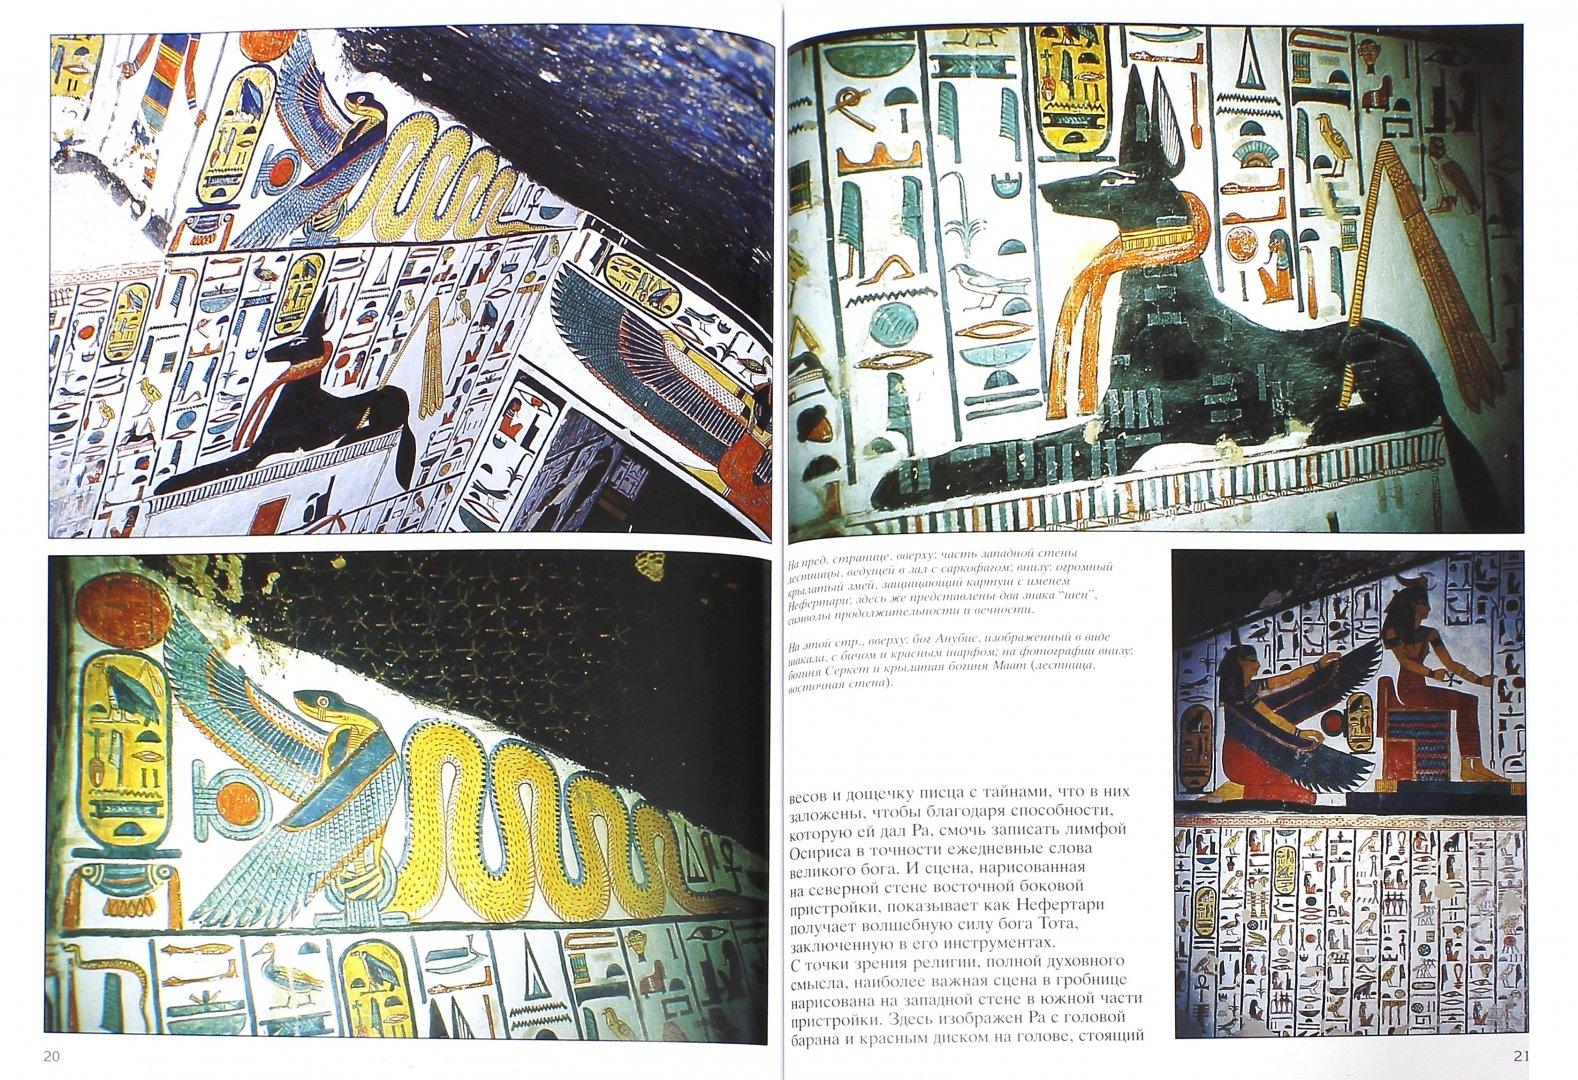 Иллюстрация 1 из 2 для Гробница Нефертари - Този, Назр   Лабиринт - книги. Источник: Лабиринт